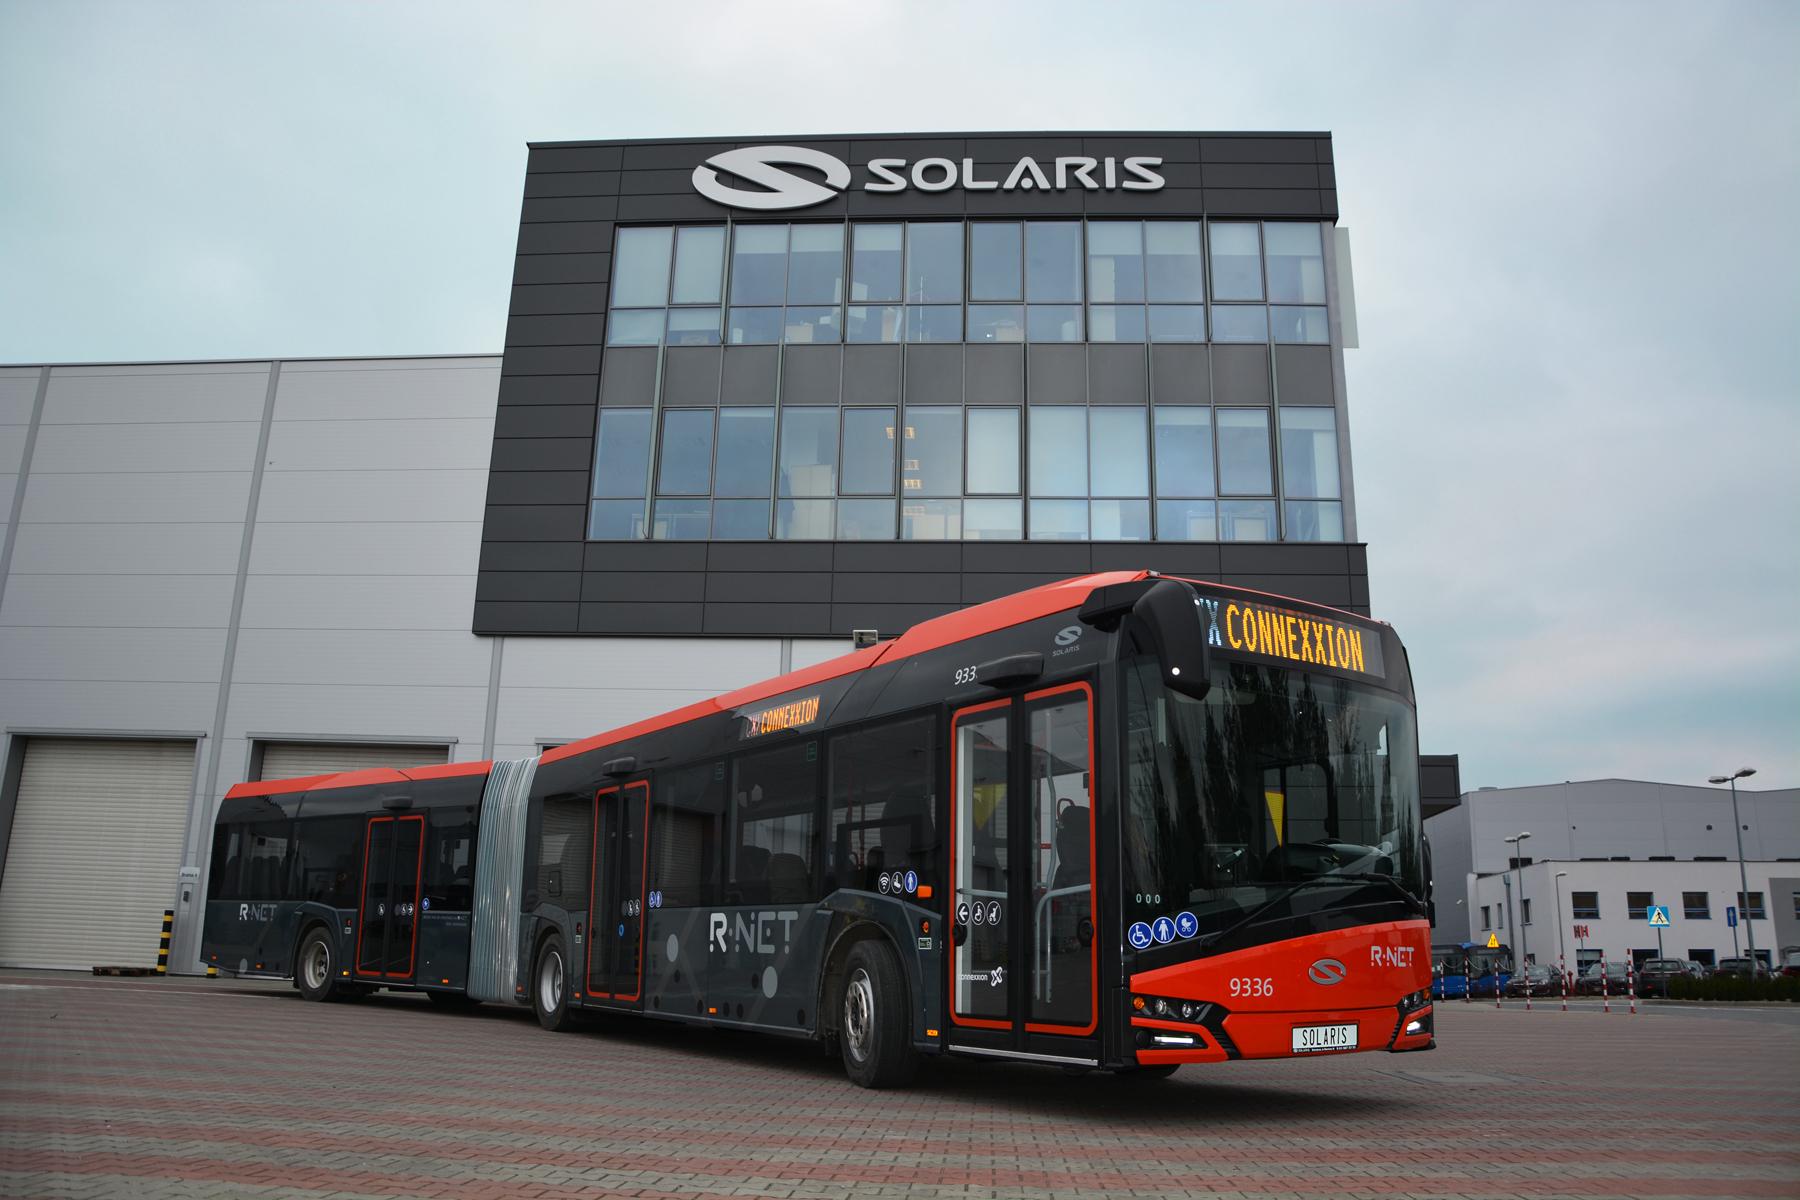 25 autobus elettrici solaris per 39 pulire 39 la flotta di for Costruttore blueprint gratuito